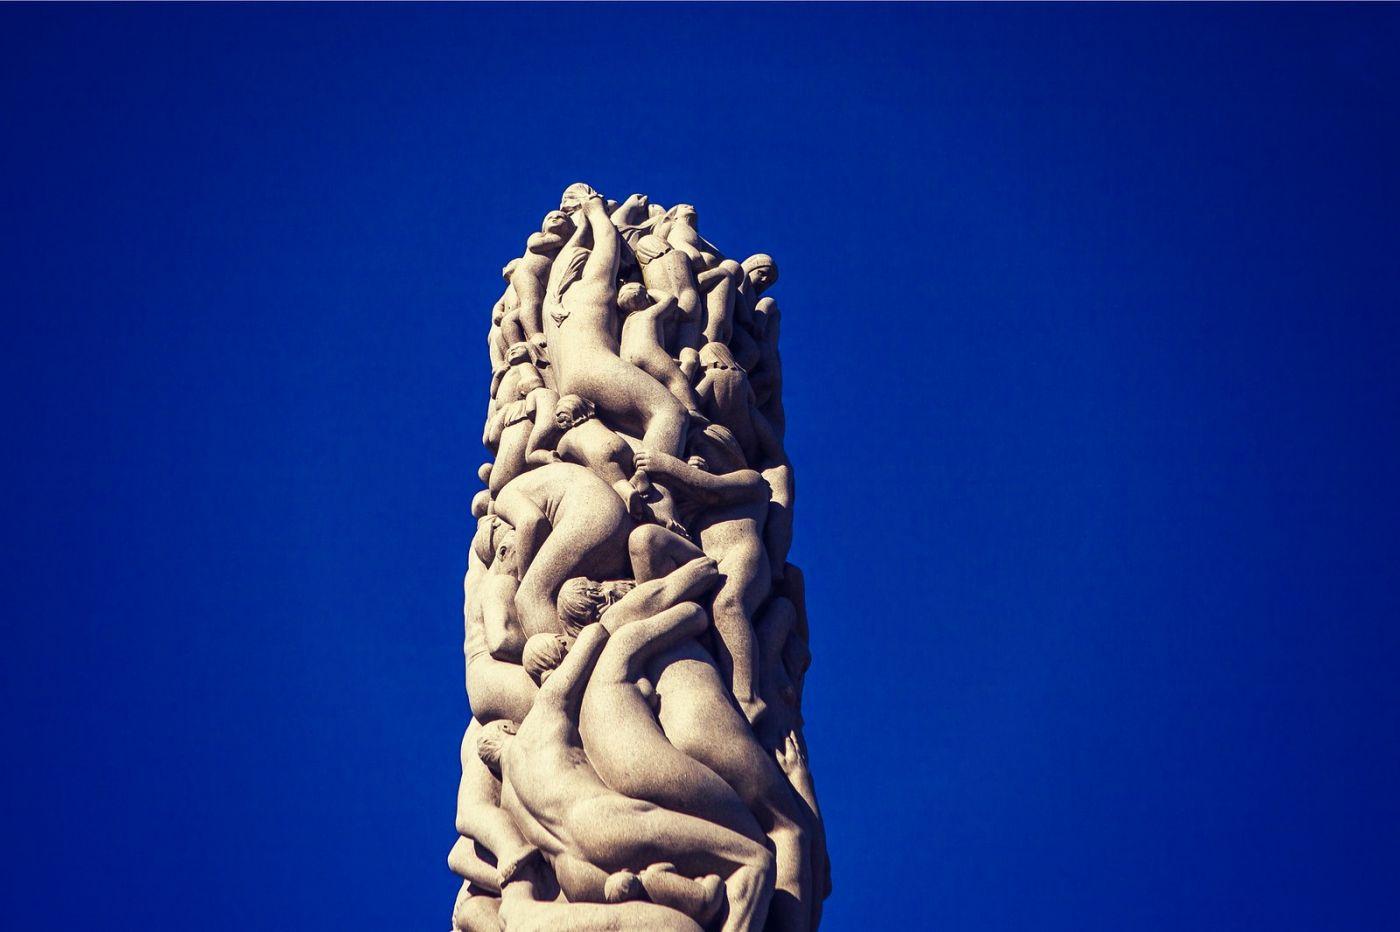 挪威维格兰雕塑公园,风格明显_图1-27